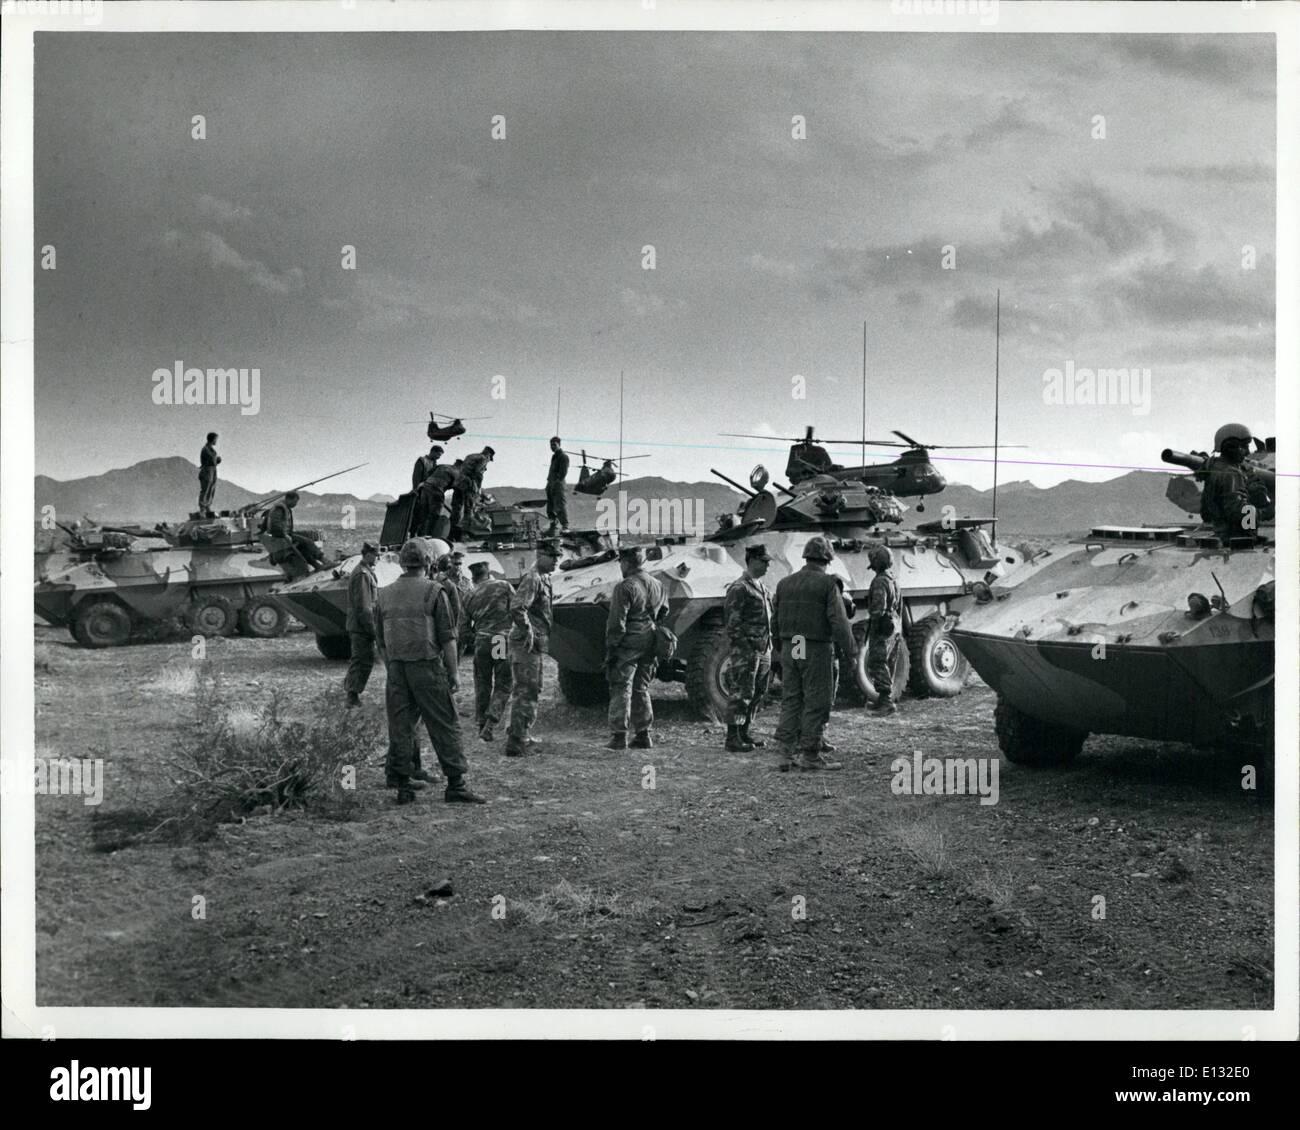 26. Februar 2012 - ein Element der 7. MAB (Marine amphibious Bataillon) Teil der schnellen Eingreiftruppe Manöver Betrieb Wüste in der Mojave-Wüste. Stockbild